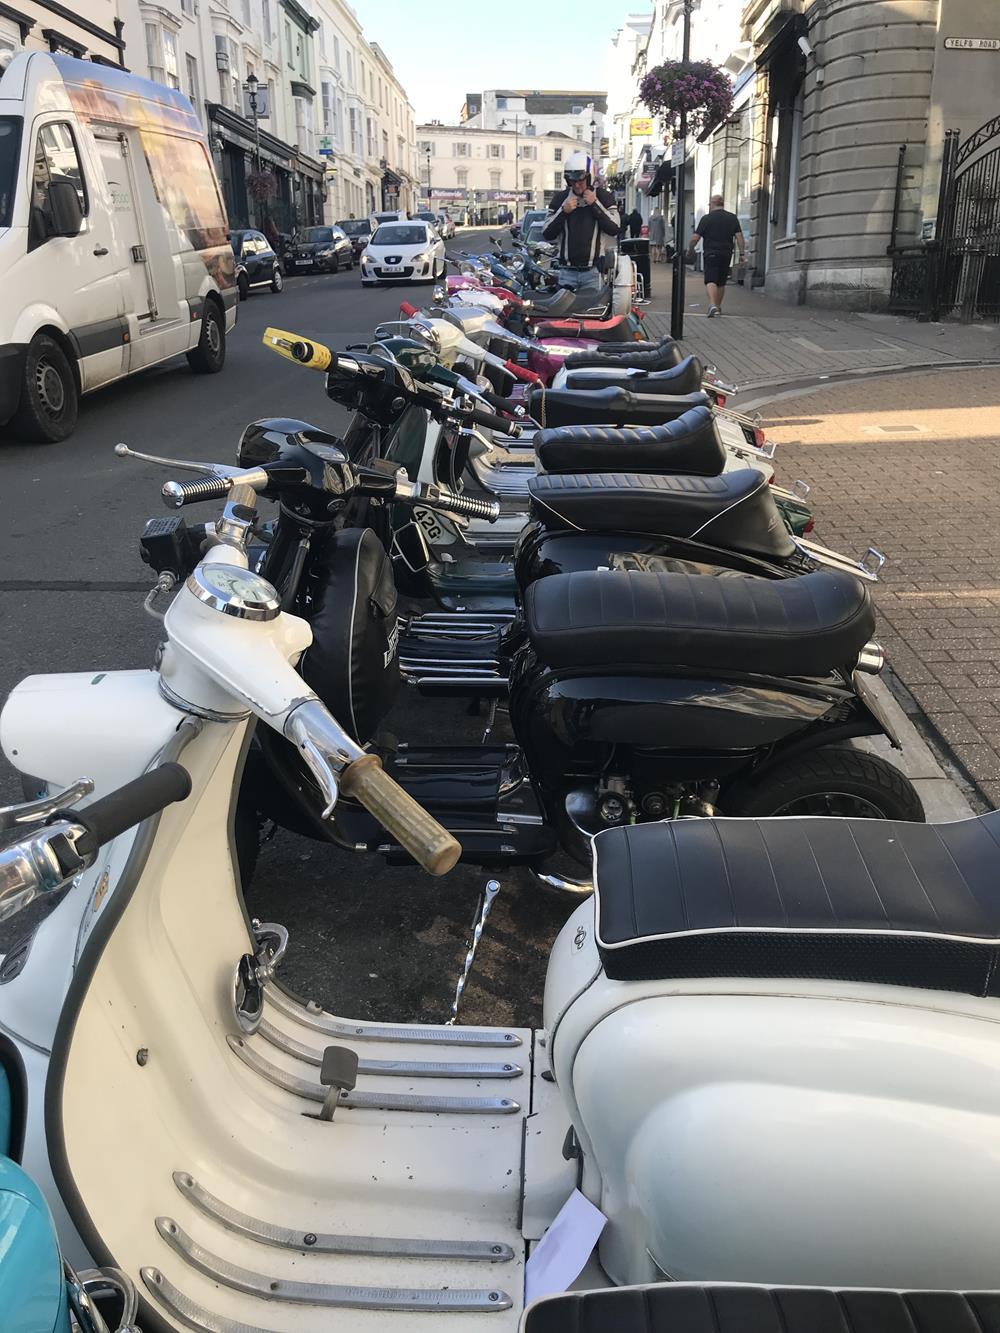 Lambrettas in Ryde